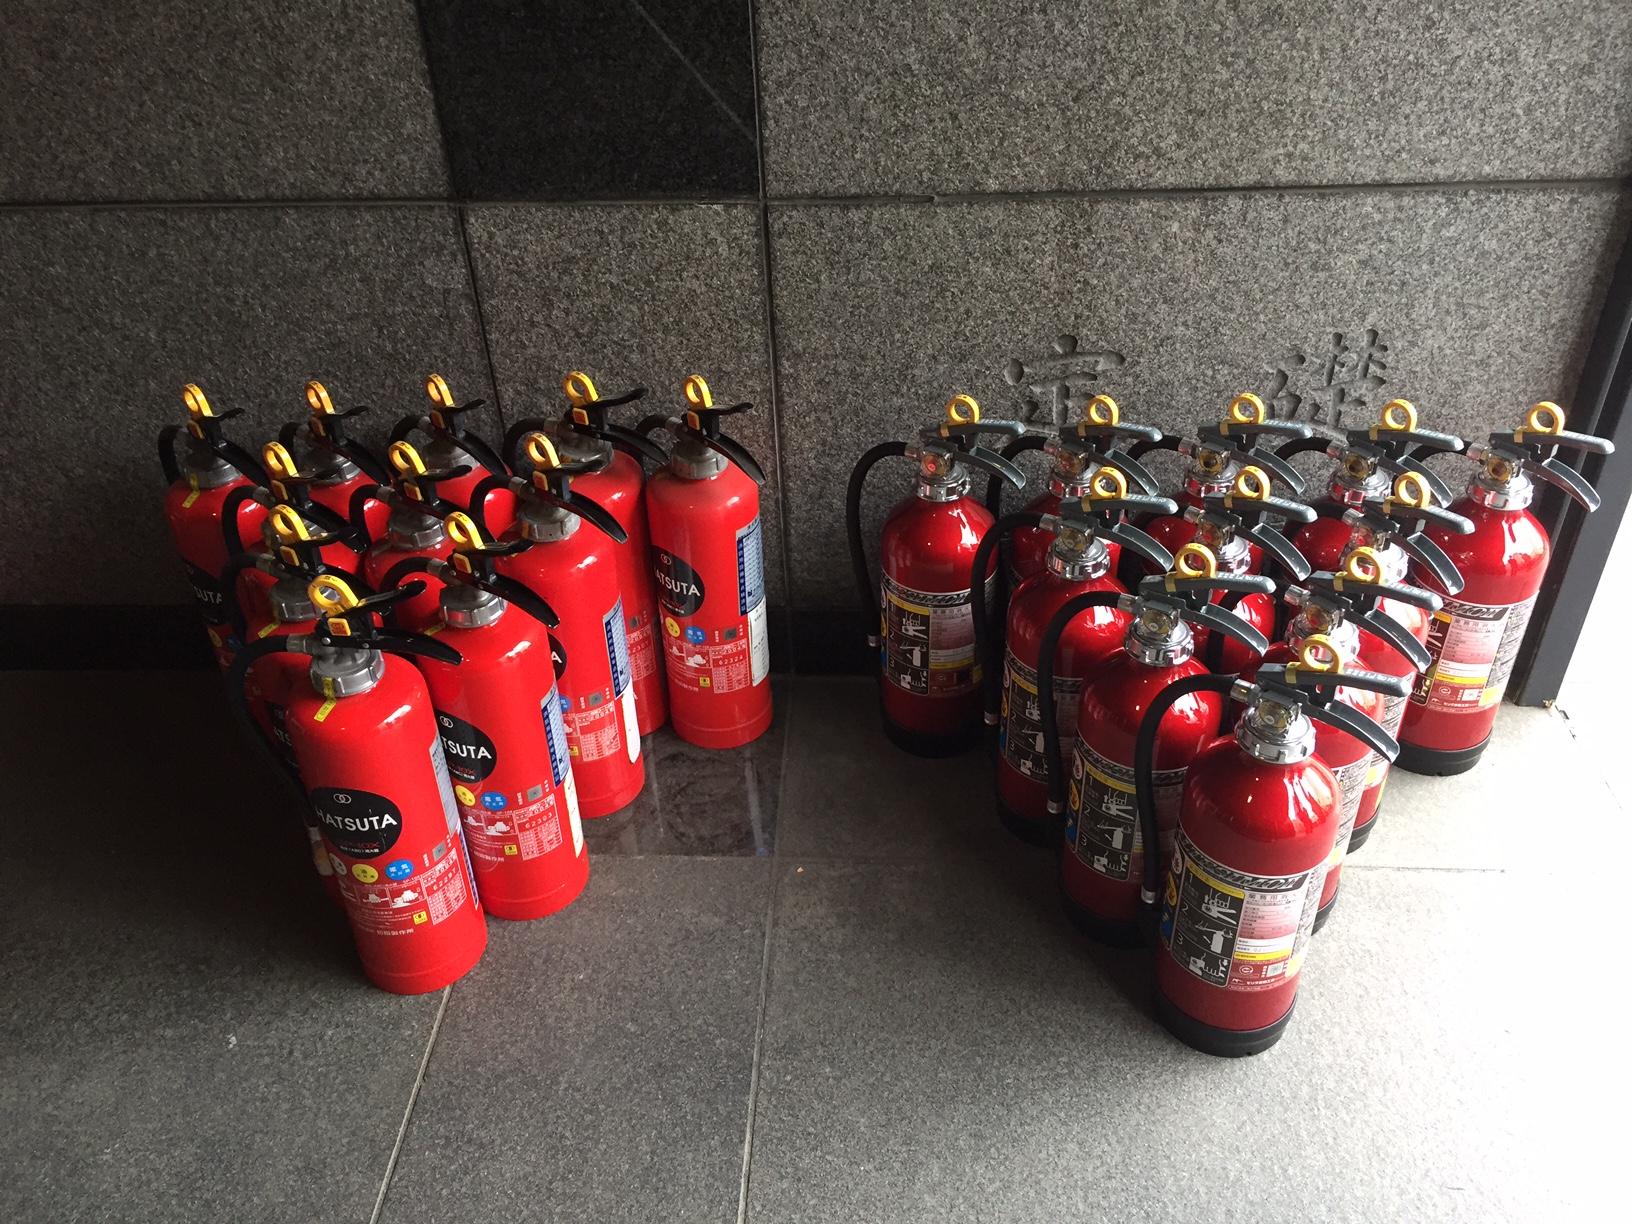 消防設備点検を実施する理由&メリット